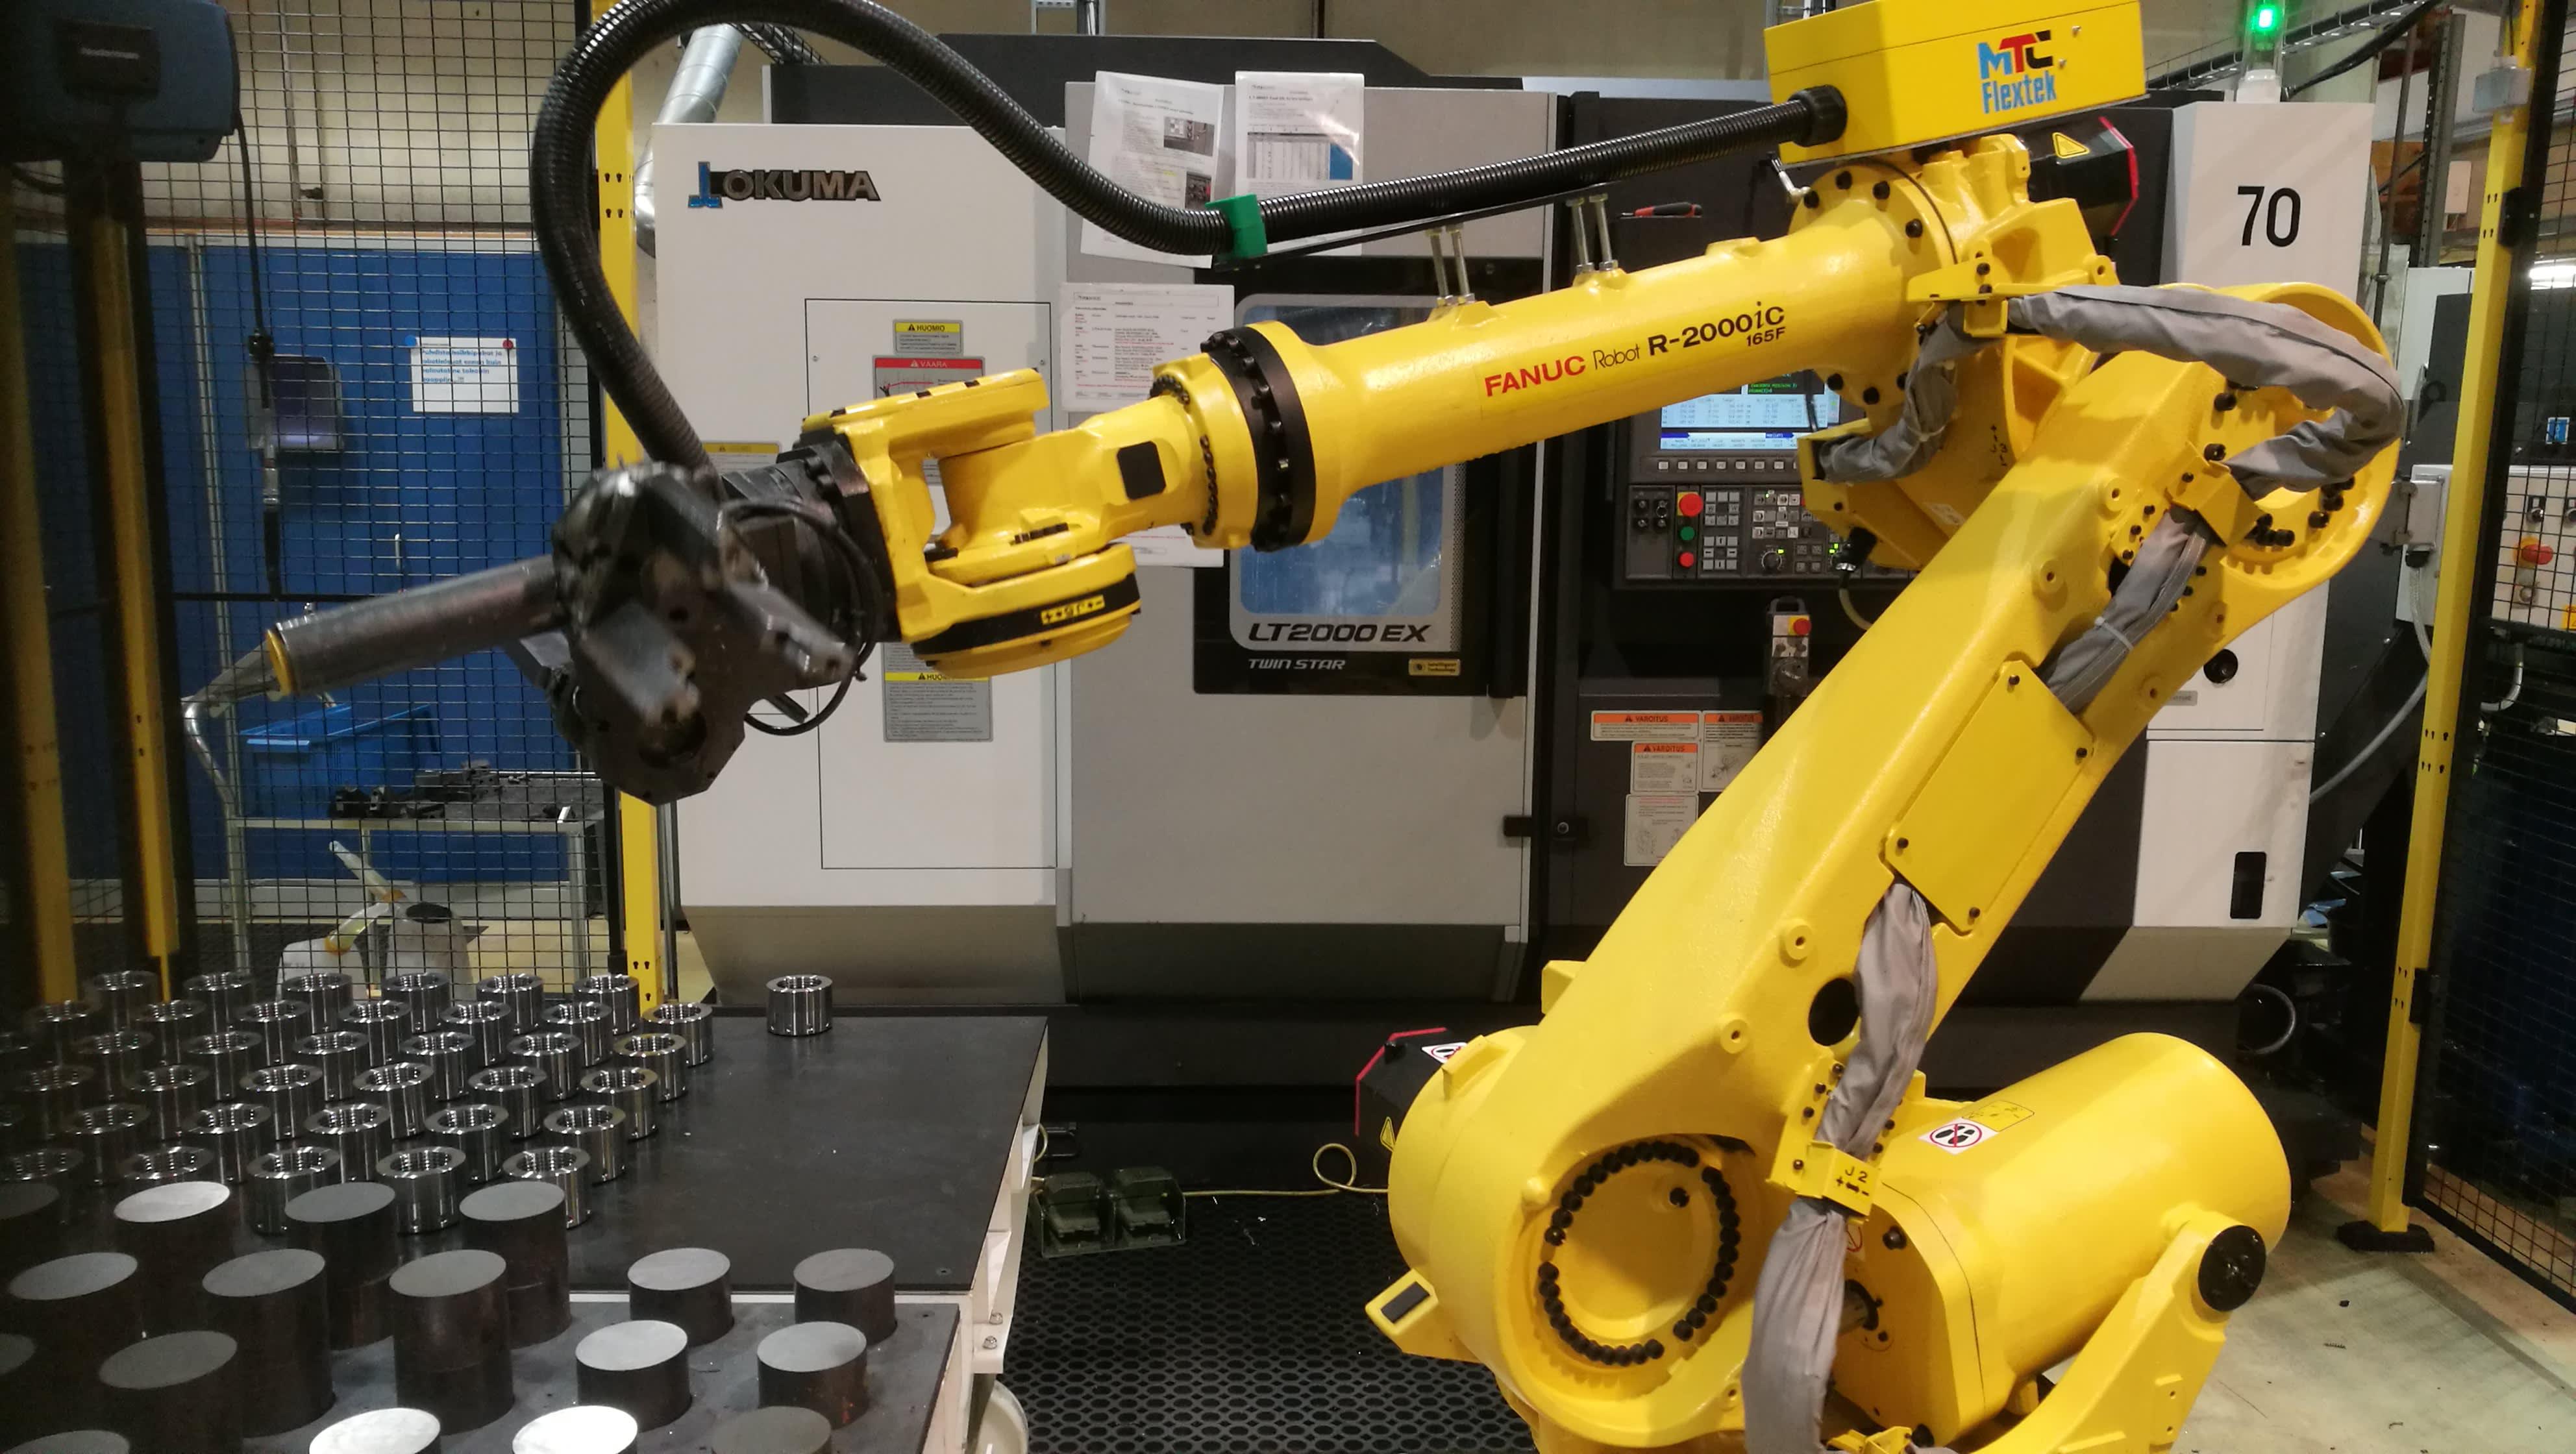 ITA Nordic ruokolahti robotiikka automaatio robotti